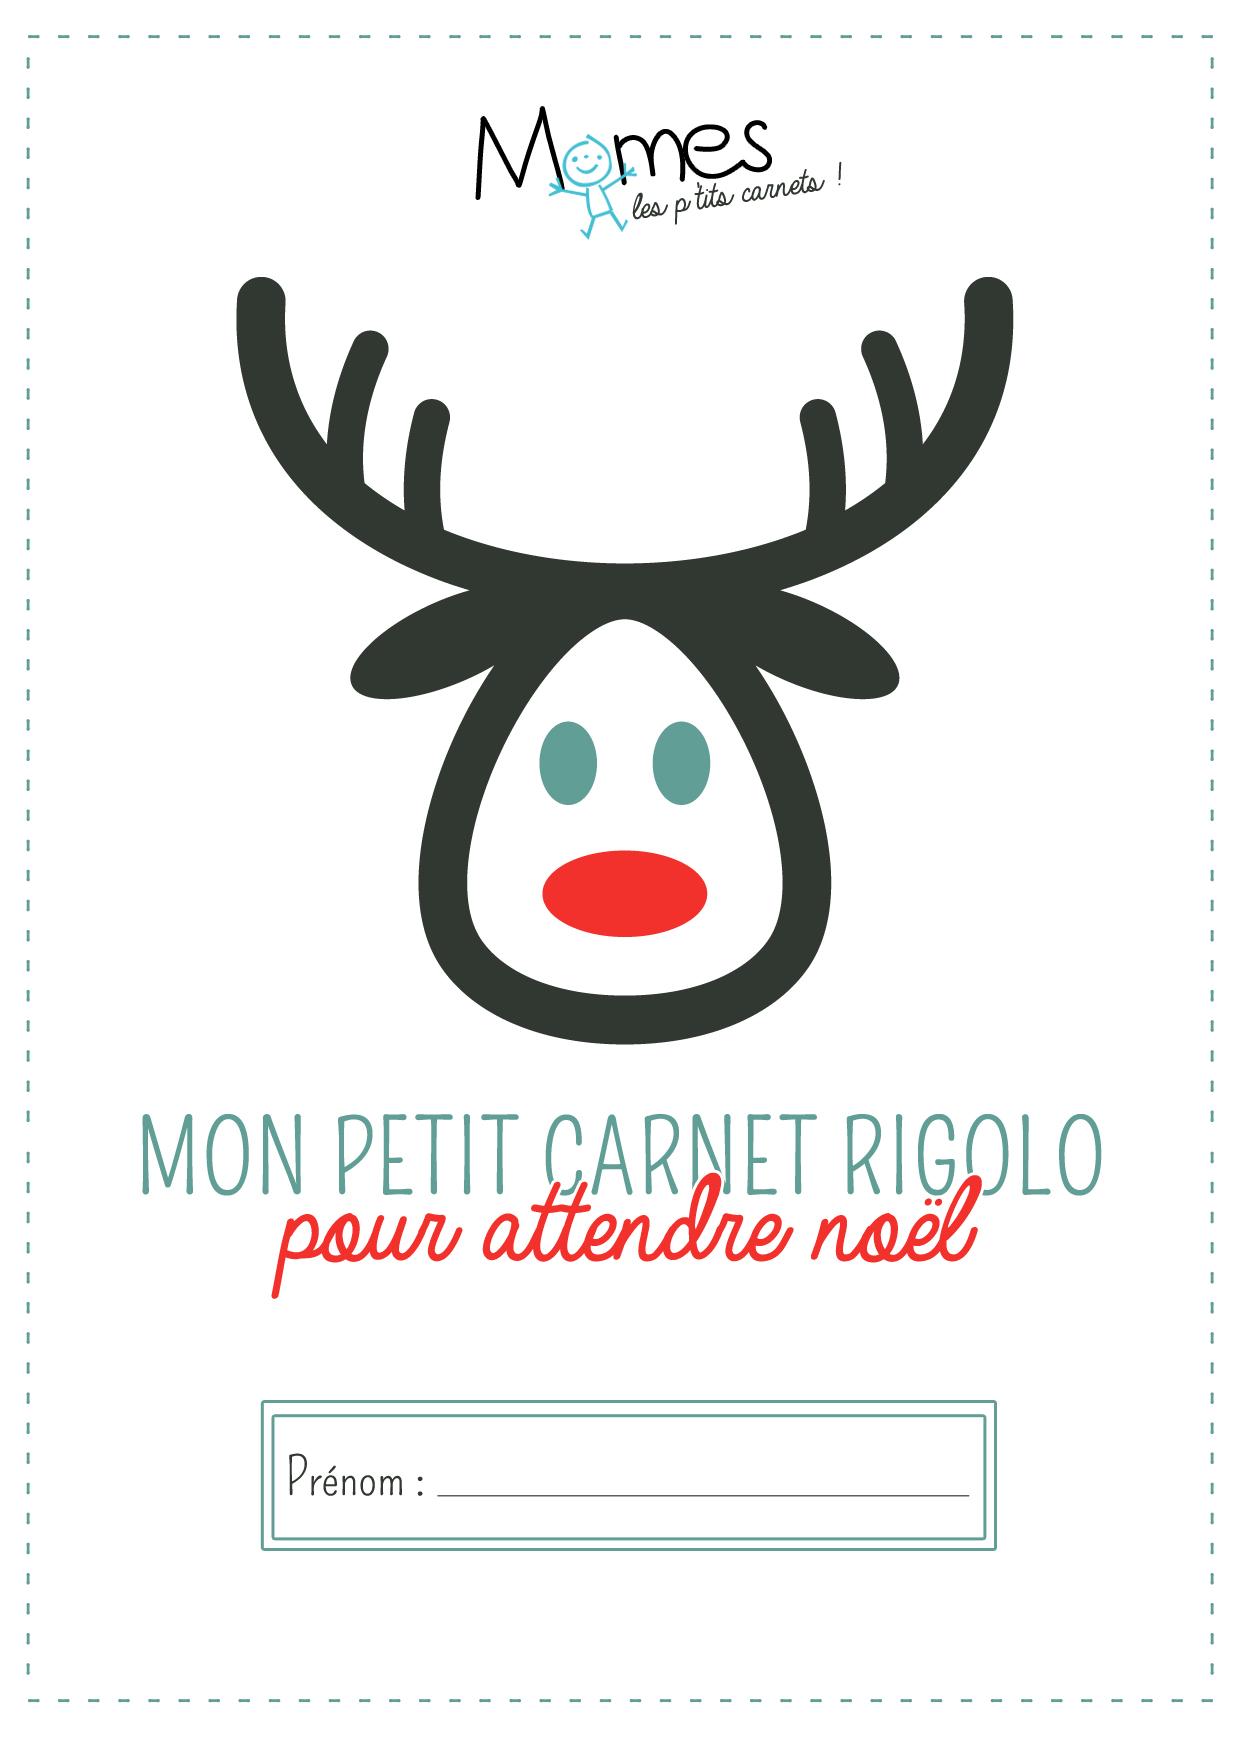 Élégant Petite Image De Noel A Imprimer